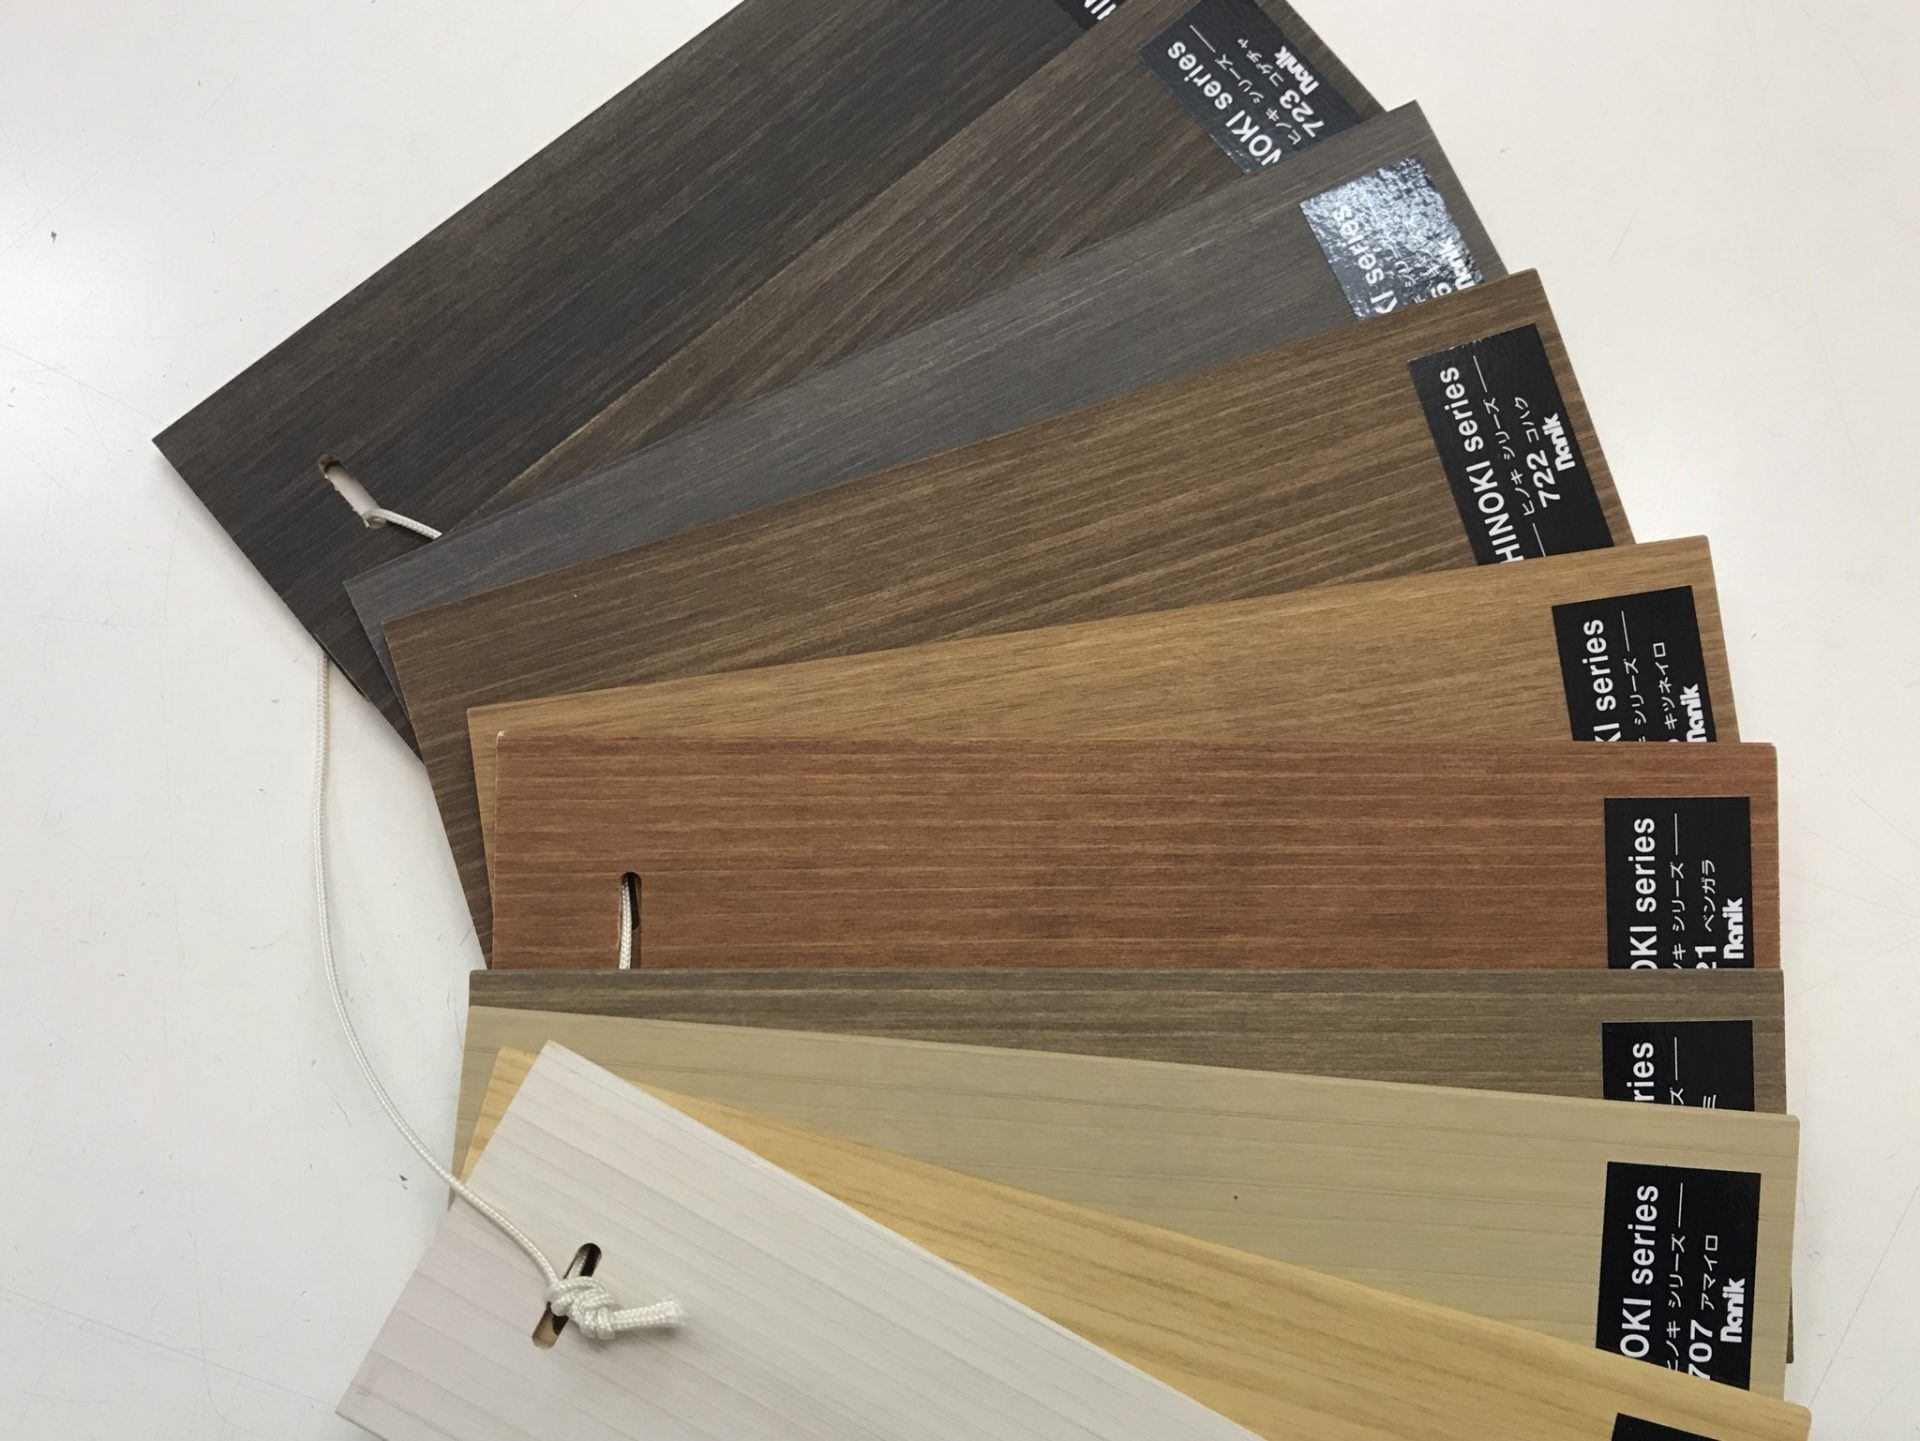 ナニック木製ブラインドサンプル